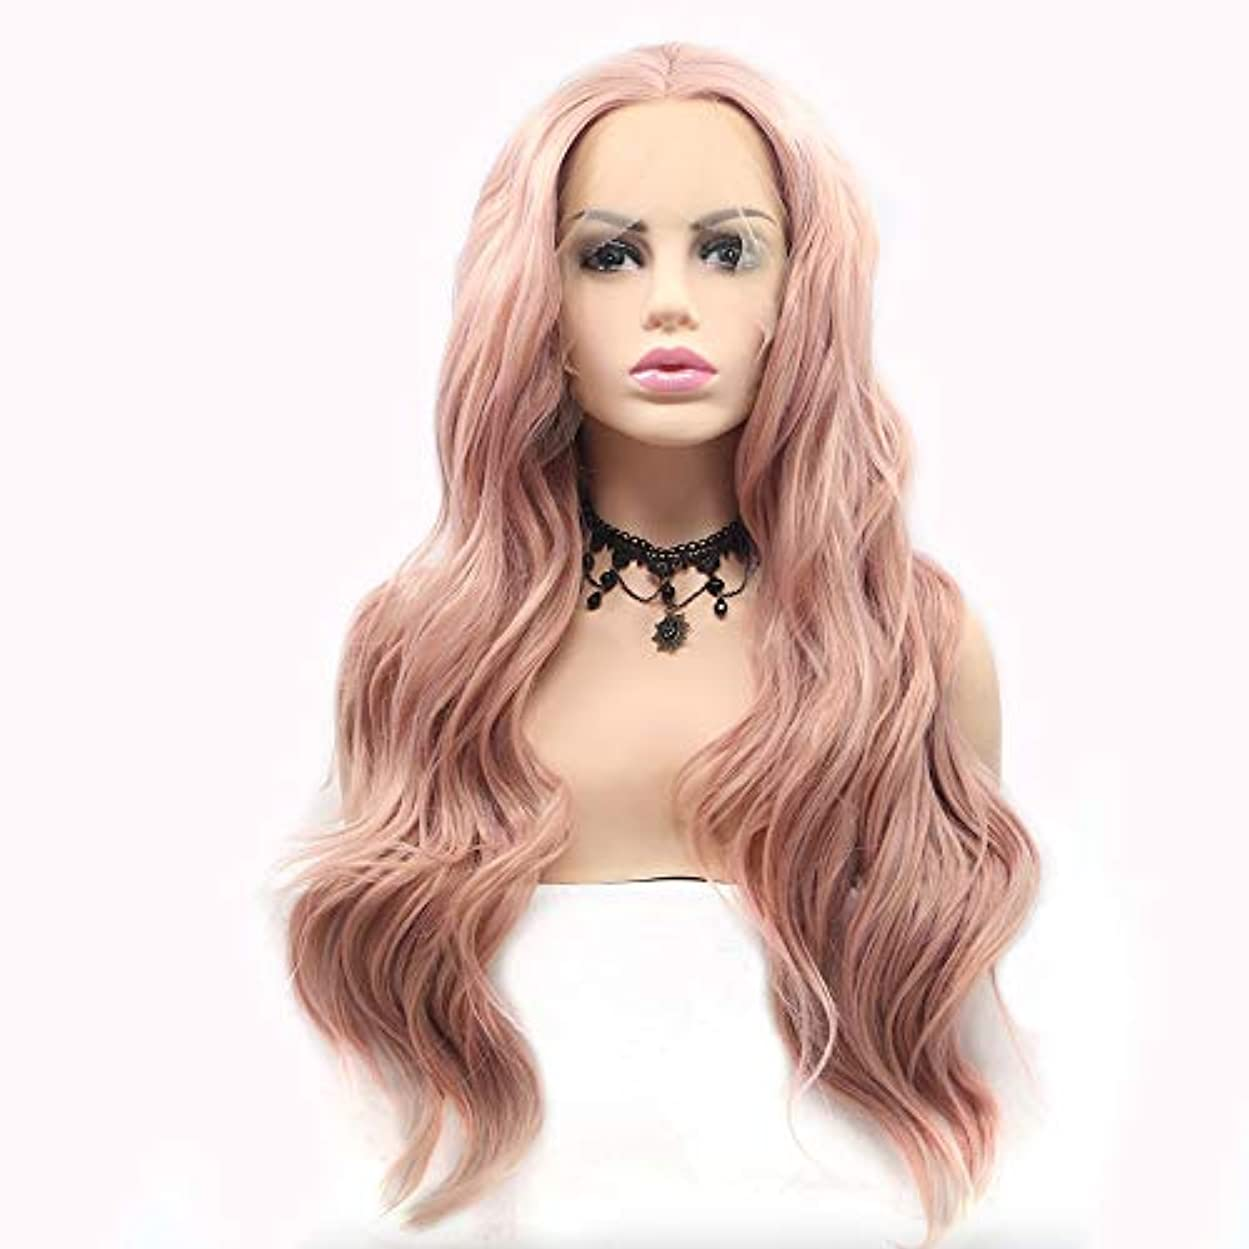 自分の奇跡封筒HAILAN HOME-かつら ピンクビッグロールウィッグレディハンドレースのヨーロッパとアメリカのウィッグセットウィッグセットナチュラル自然換気ビッグウェーブロール粘り強い髪